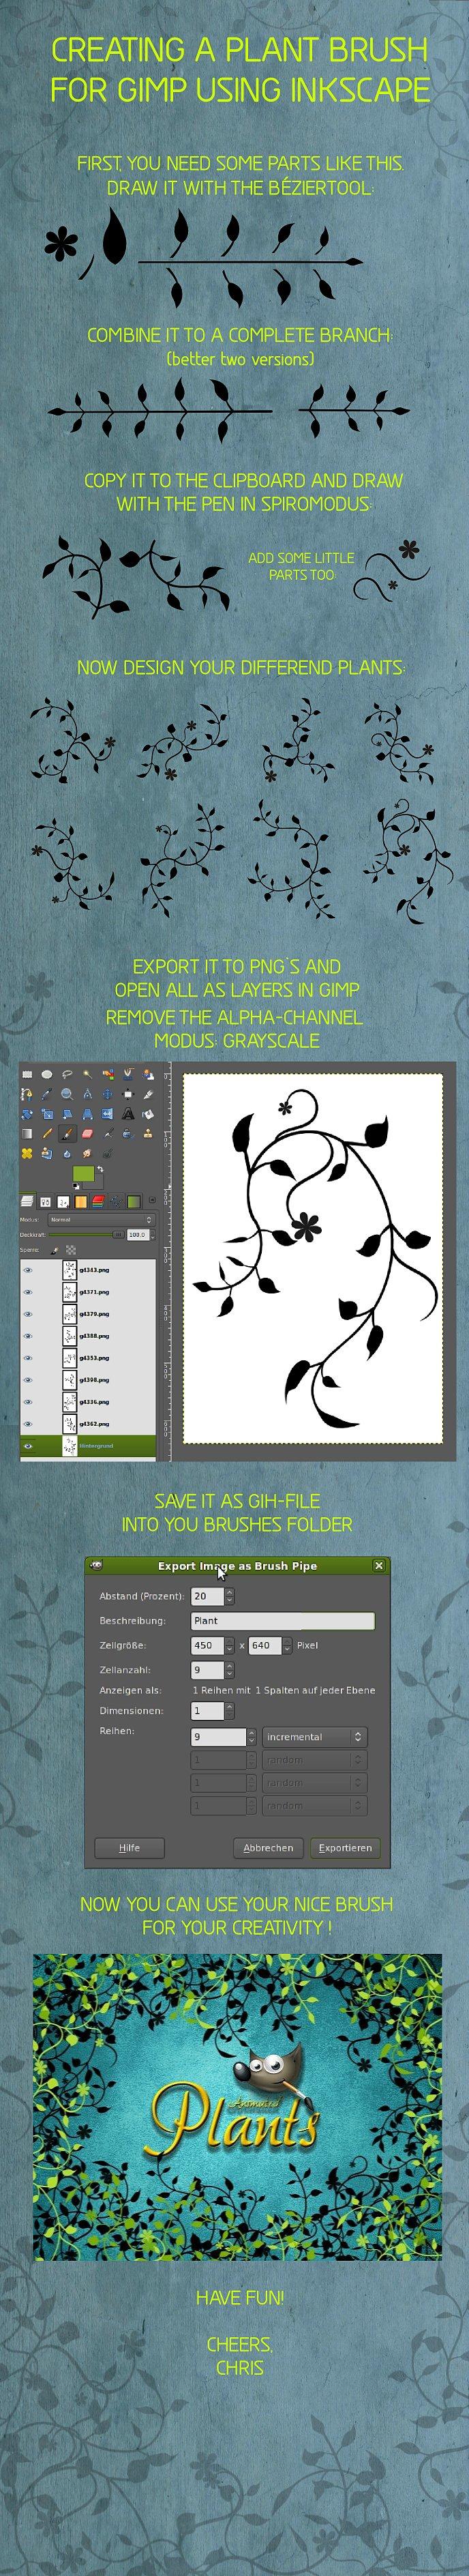 Inkscape GIMP-Brush Tutorial by Chrisdesign